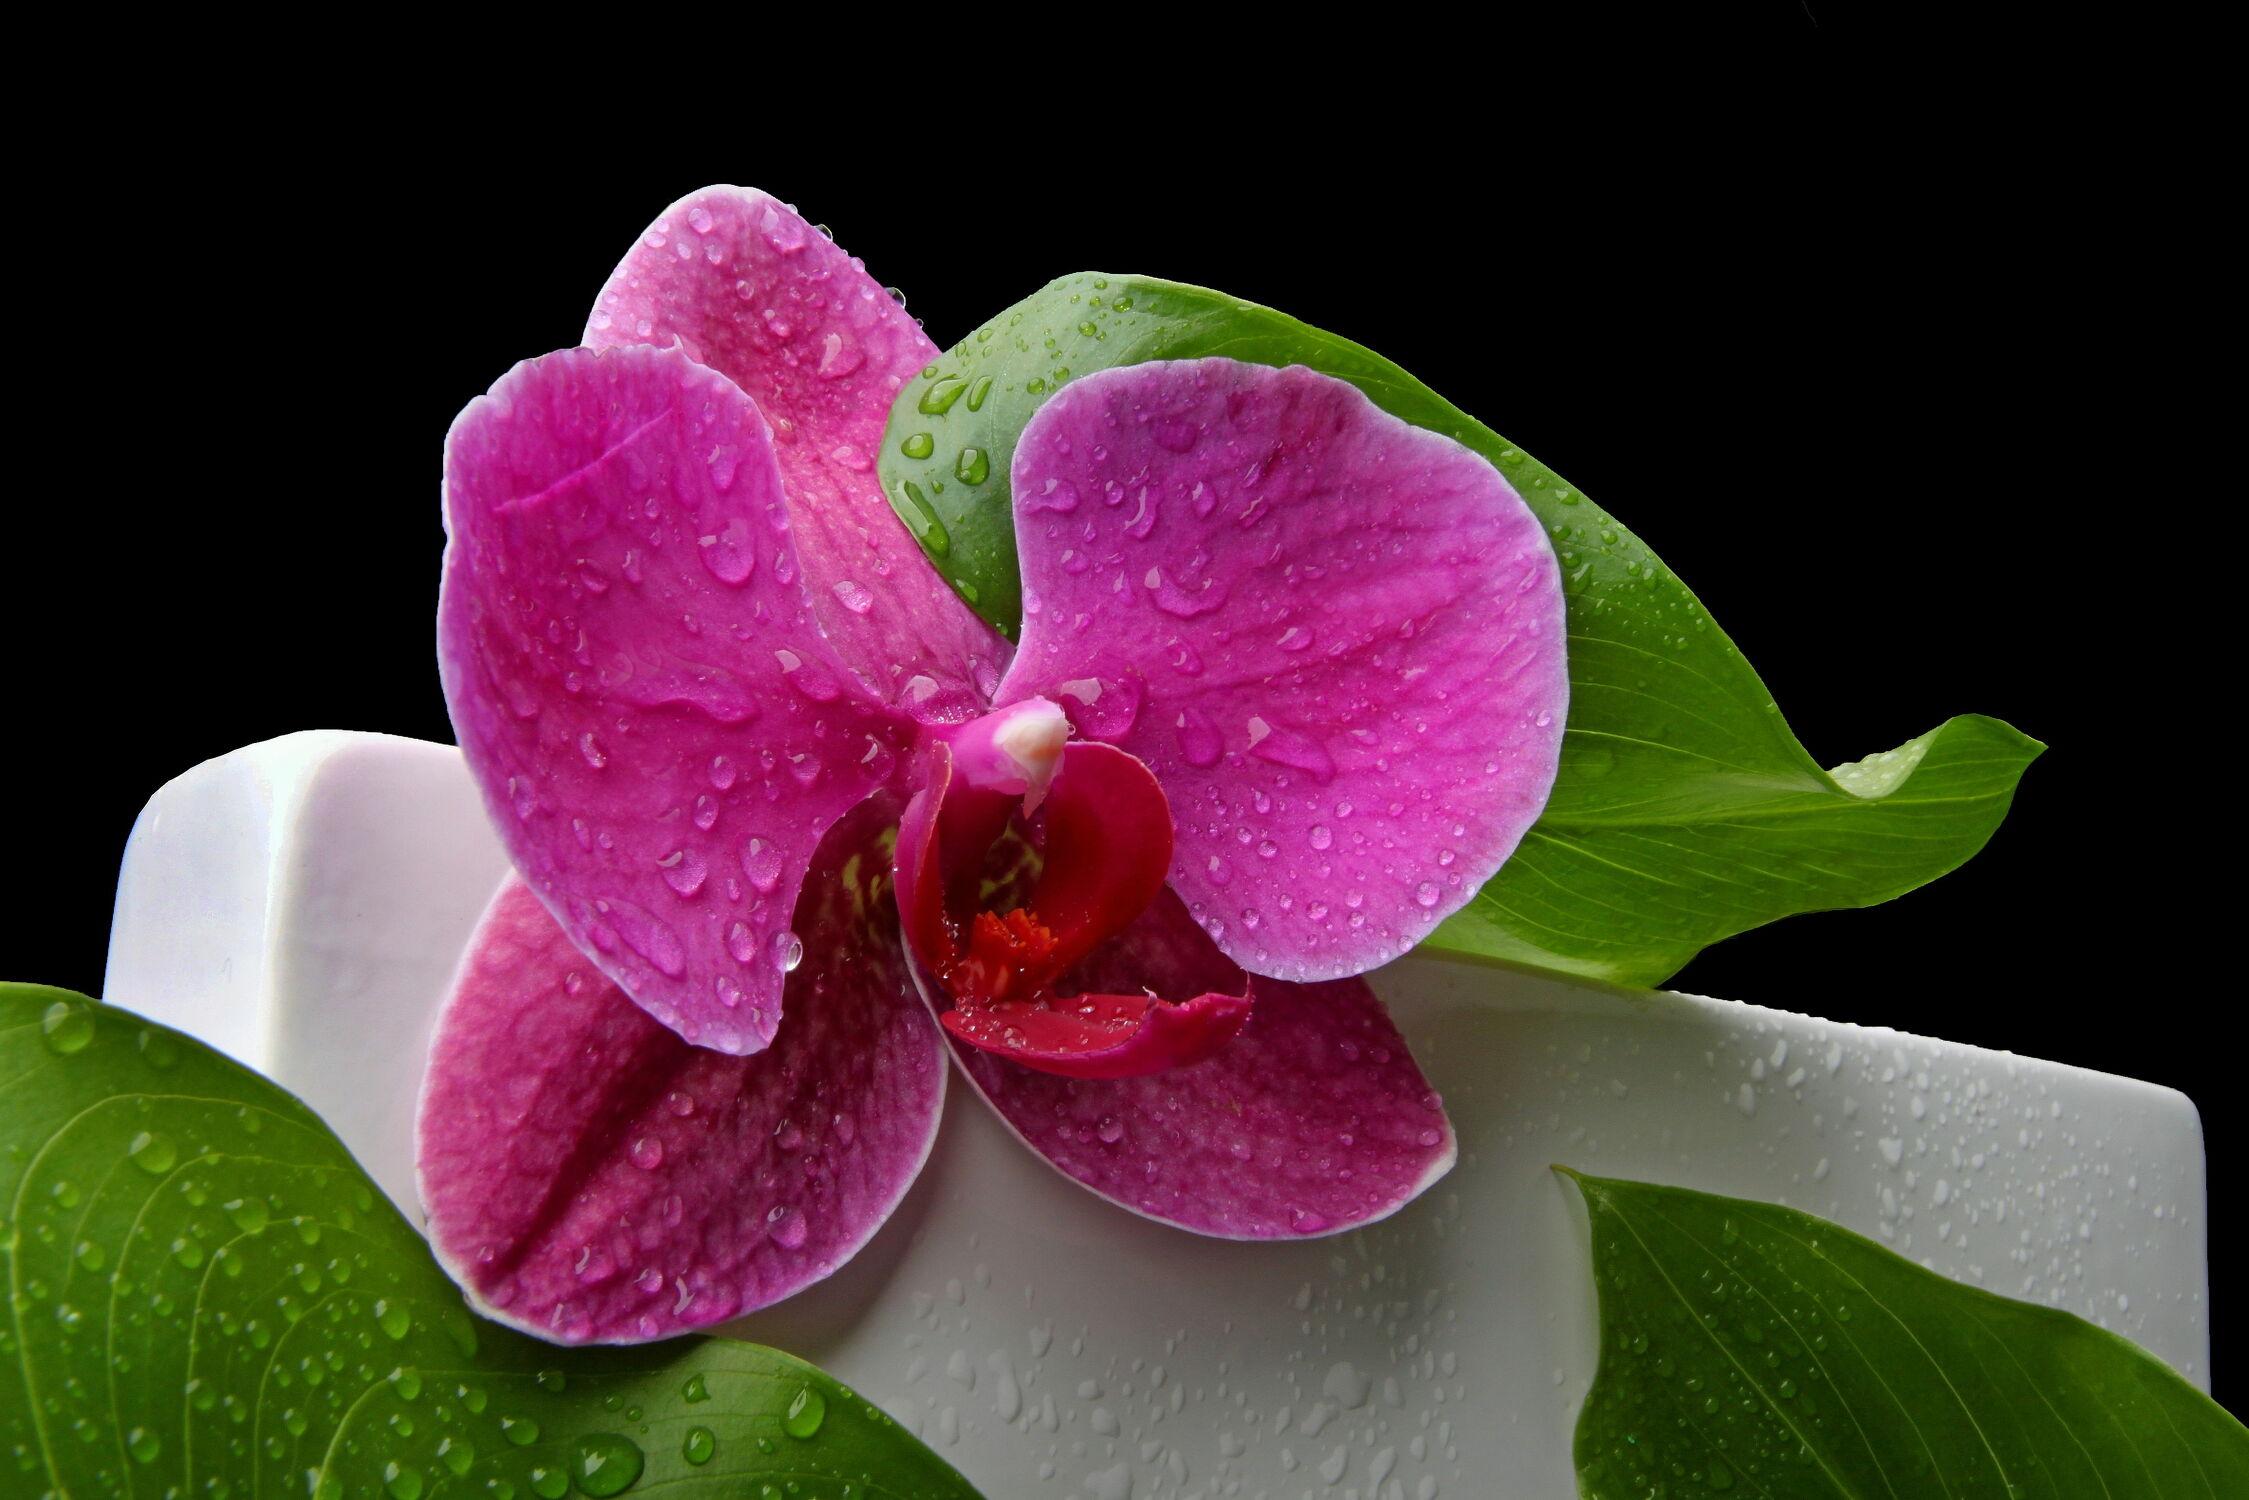 Bild mit Blumen, Orchideen, Blume, Orchidee, Wassertropfen, Regentropfen, Tropfen, Floral, blütenkompositionen, Florales, blüte, Regen, vase